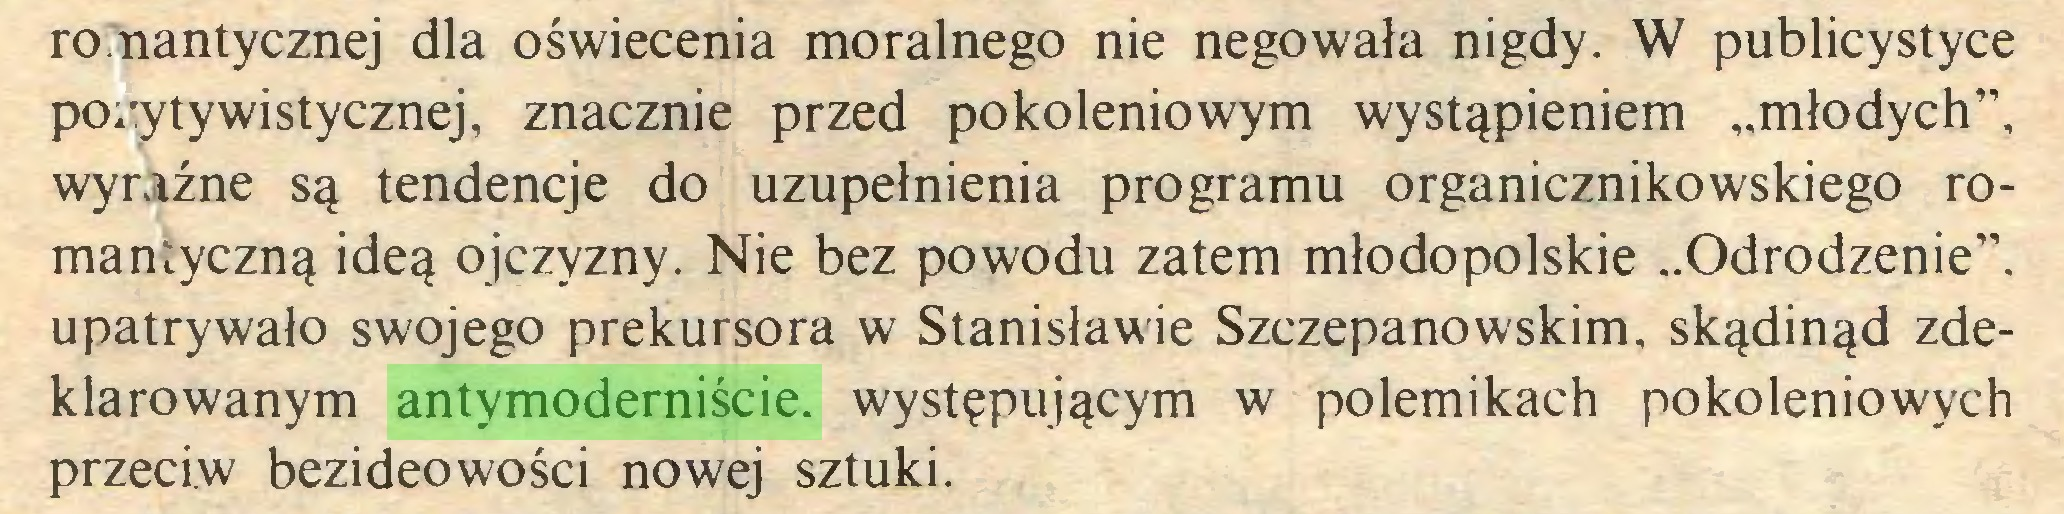 """(...) romantycznej dla oświecenia moralnego nie negowała nigdy. W publicystyce pozytywistycznej, znacznie przed pokoleniowym wystąpieniem """"młodych"""", wyraźne są tendencje do uzupełnienia programu organicznikowskiego romantyczną ideą ojczyzny. Nie bez powodu zatem młodopolskie """"Odrodzenie"""", upatrywało swojego prekursora w Stanisławie Szczepanowskim, skądinąd zdeklarowanym antymoderniście. występującym w polemikach pokoleniowych przeciw bezideowości nowej sztuki..."""